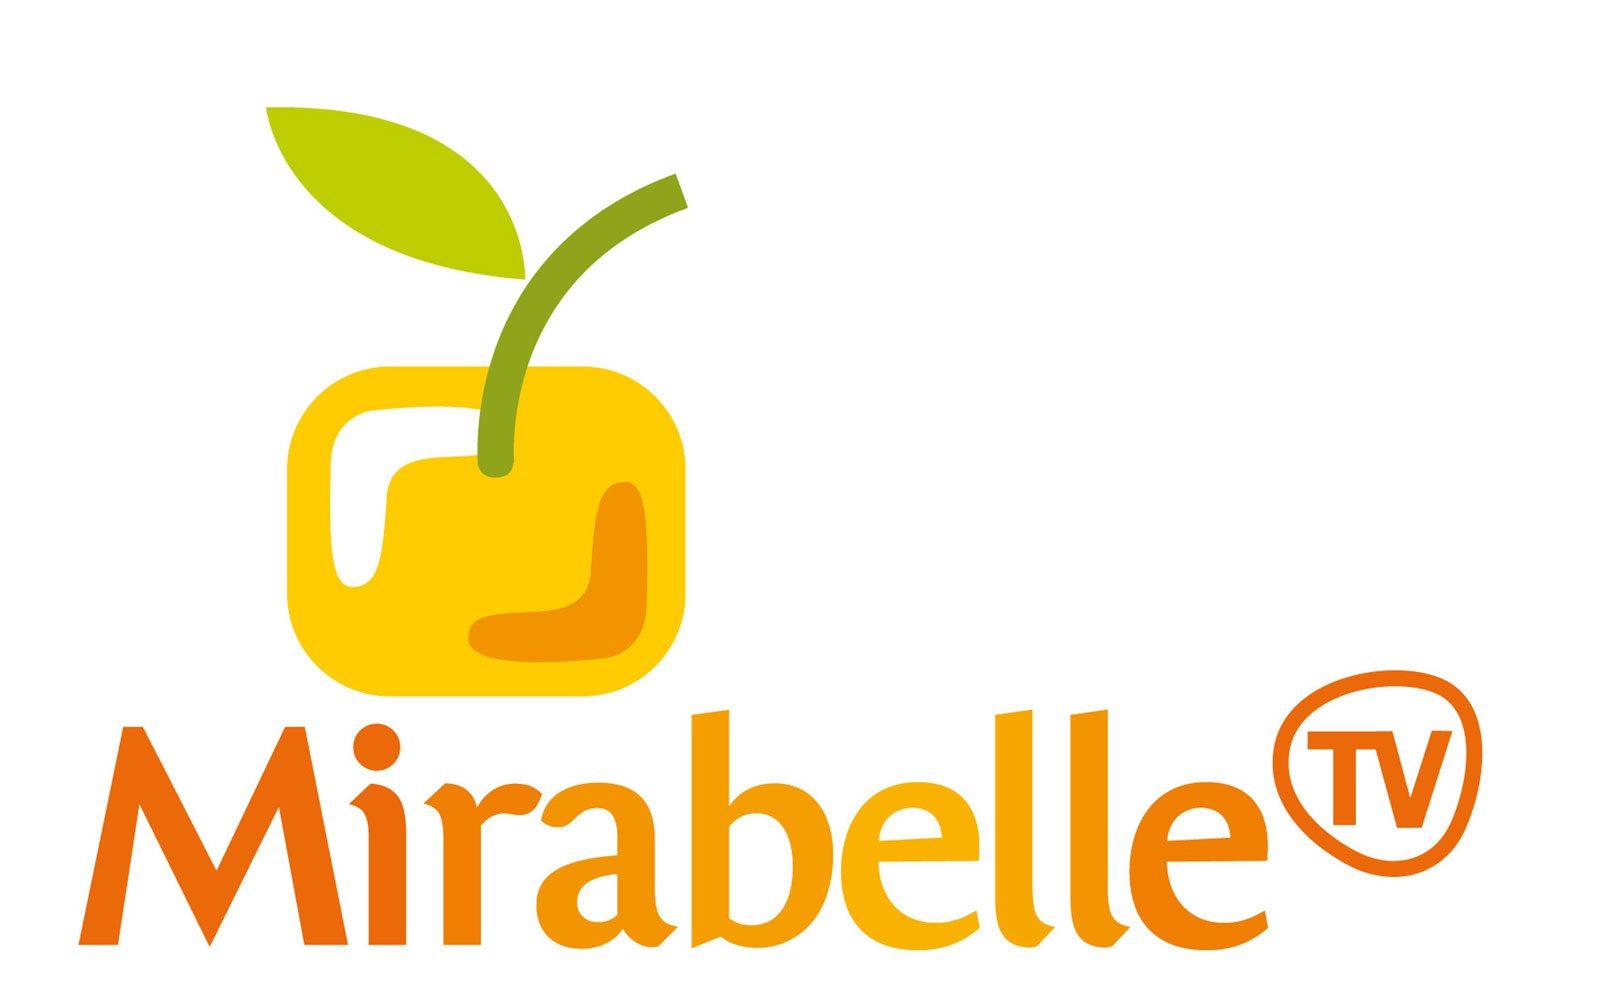 Mirabelle TV : la nouvelle grille des programmes 2016/2017 prévoit des nouveautés et des modifications